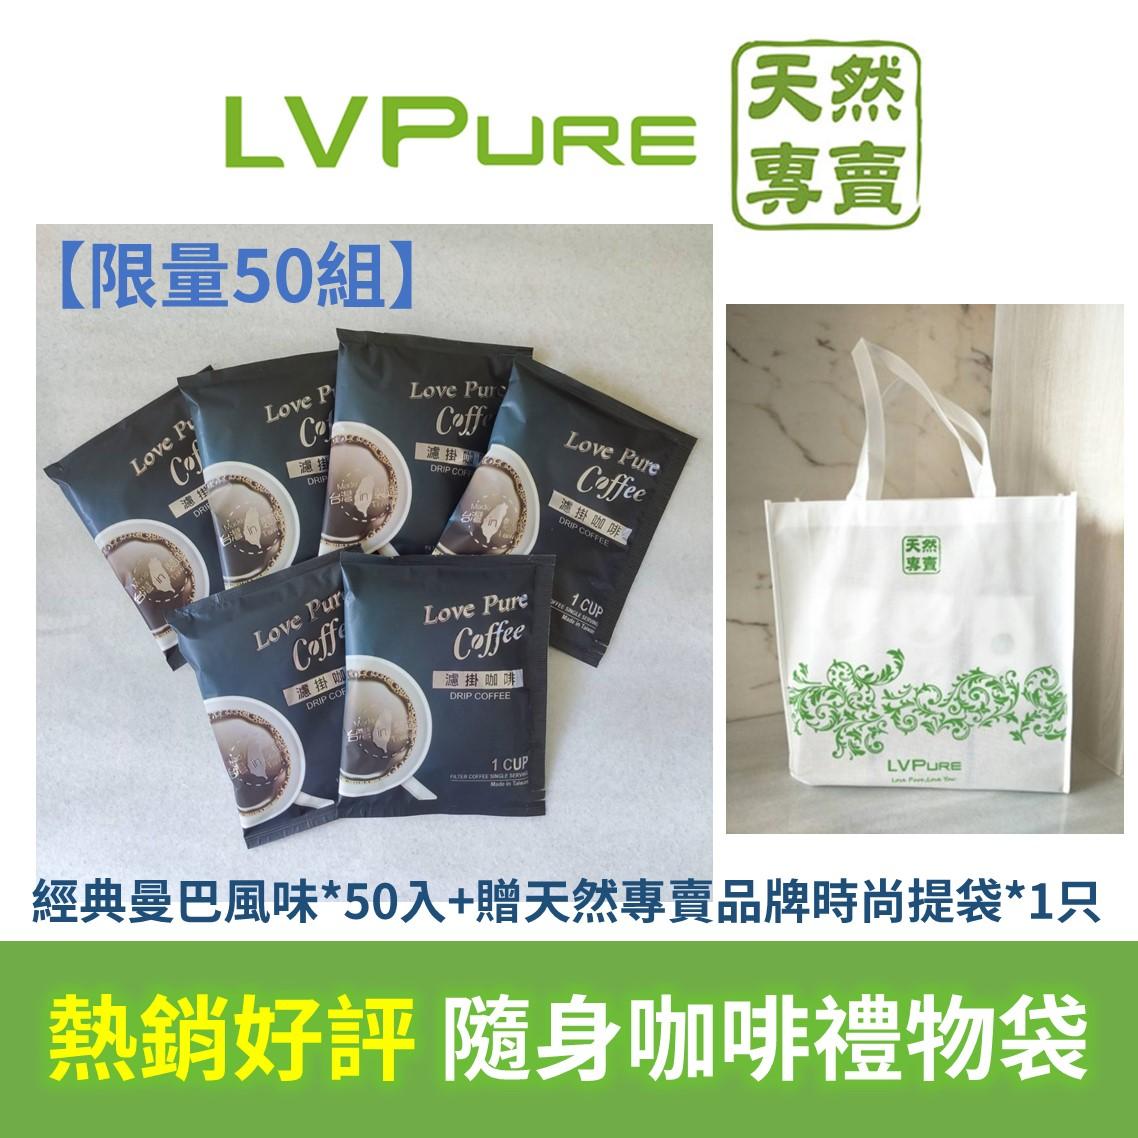 【天然專賣】熱銷好評咖啡禮物袋|經典曼巴風味濾掛式咖啡*50入+贈品牌時尚提袋*1只